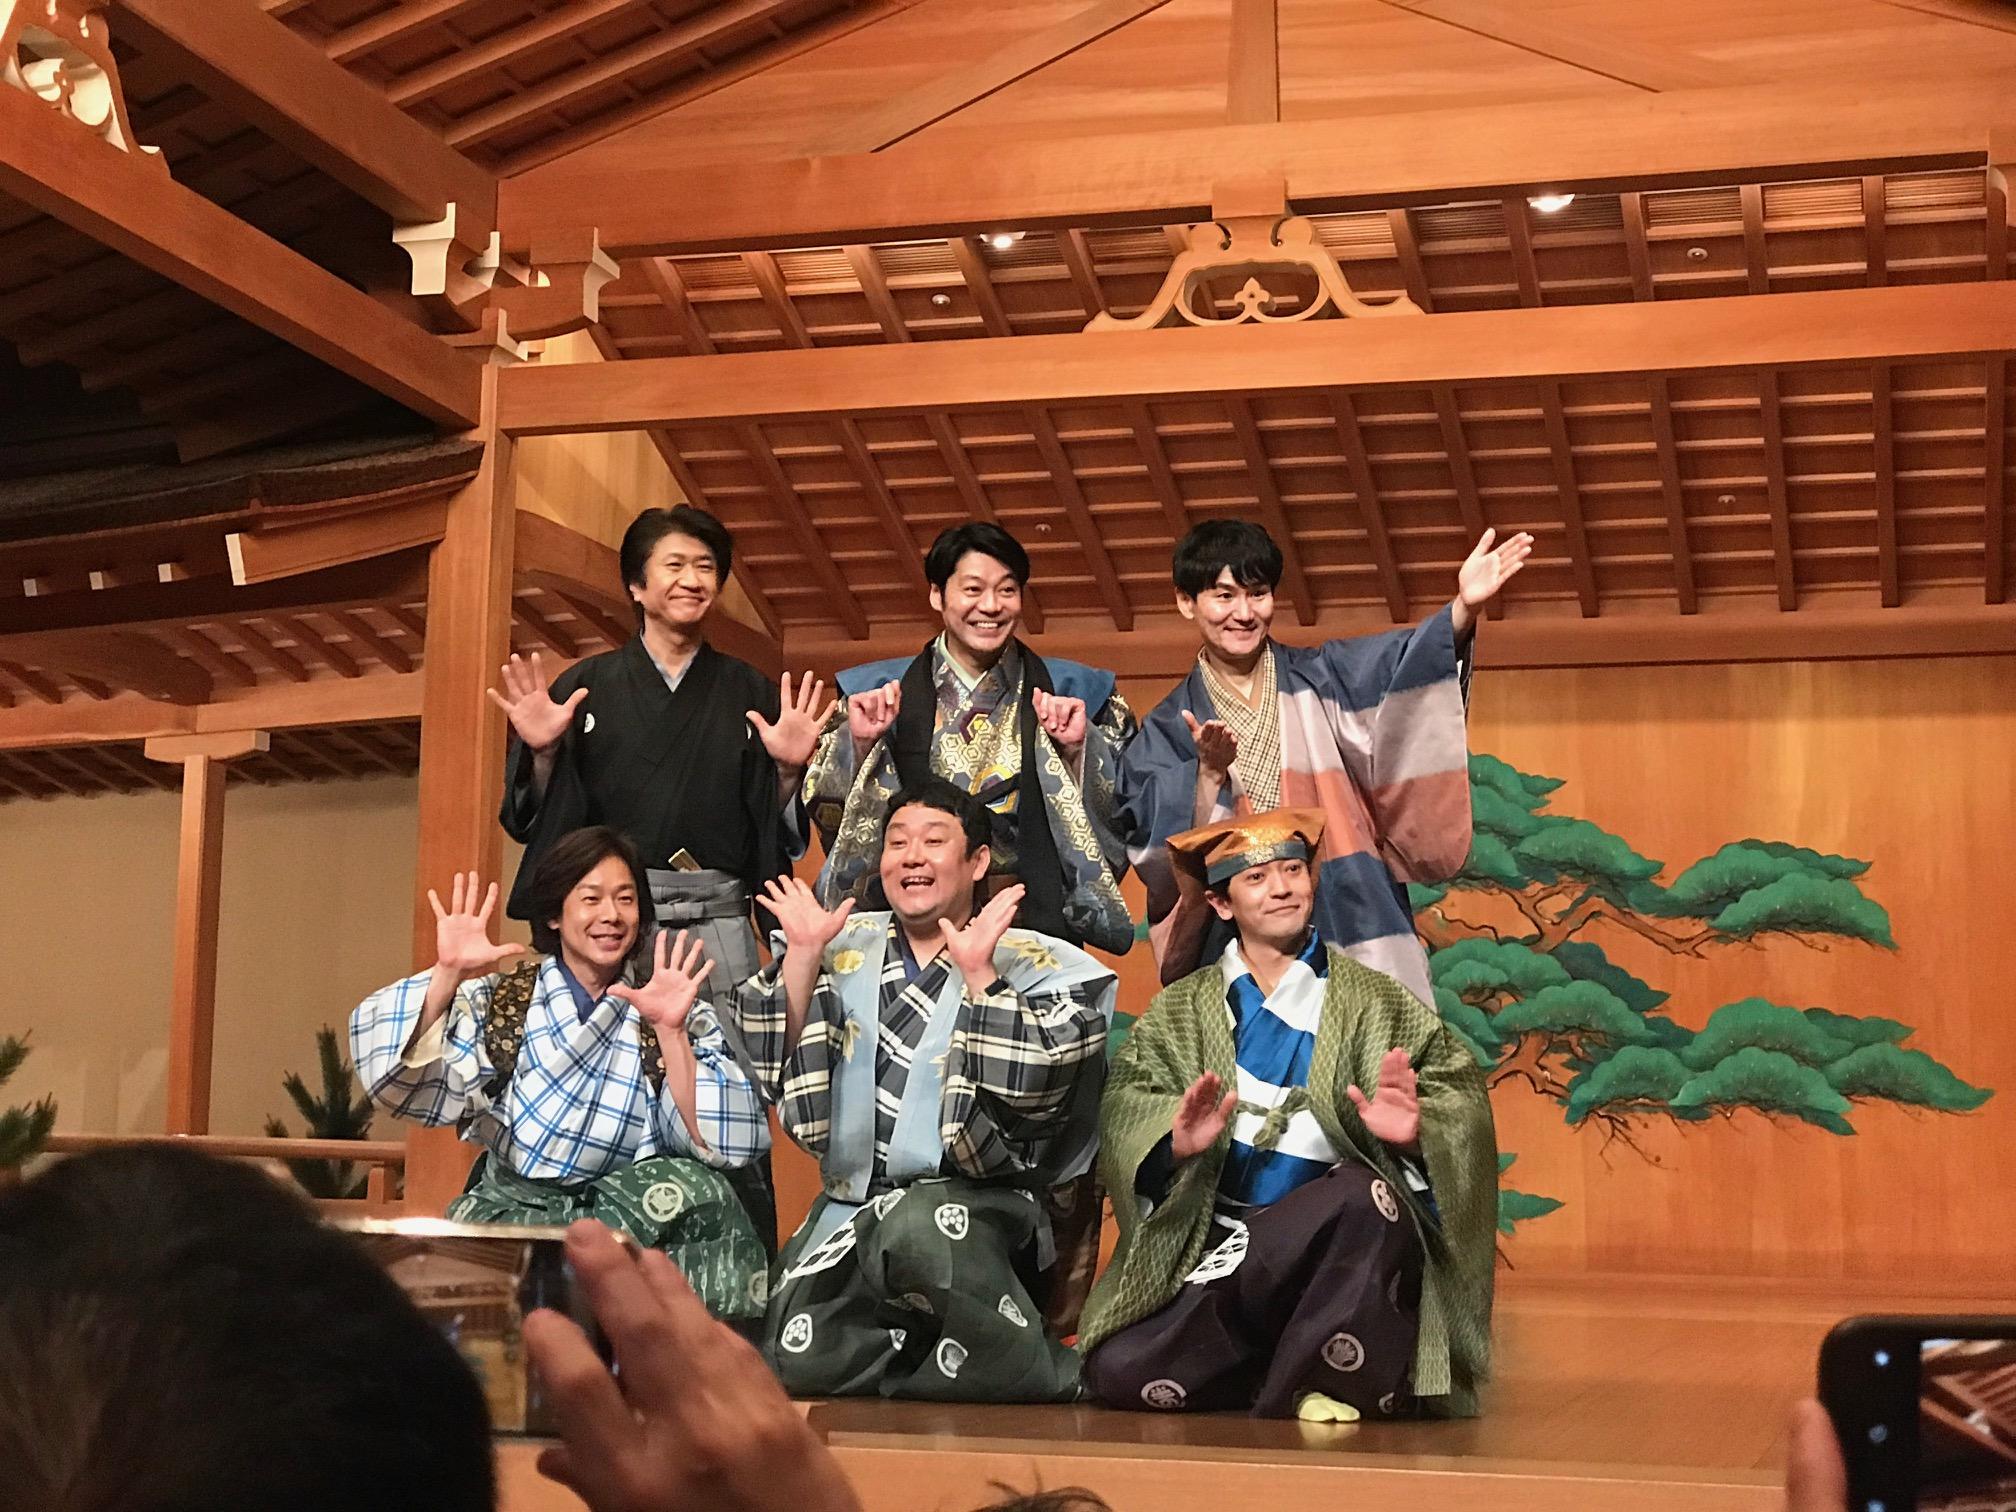 『古今狂言会』福岡公演2020が大濠能楽堂にて開催されました。のイメージ